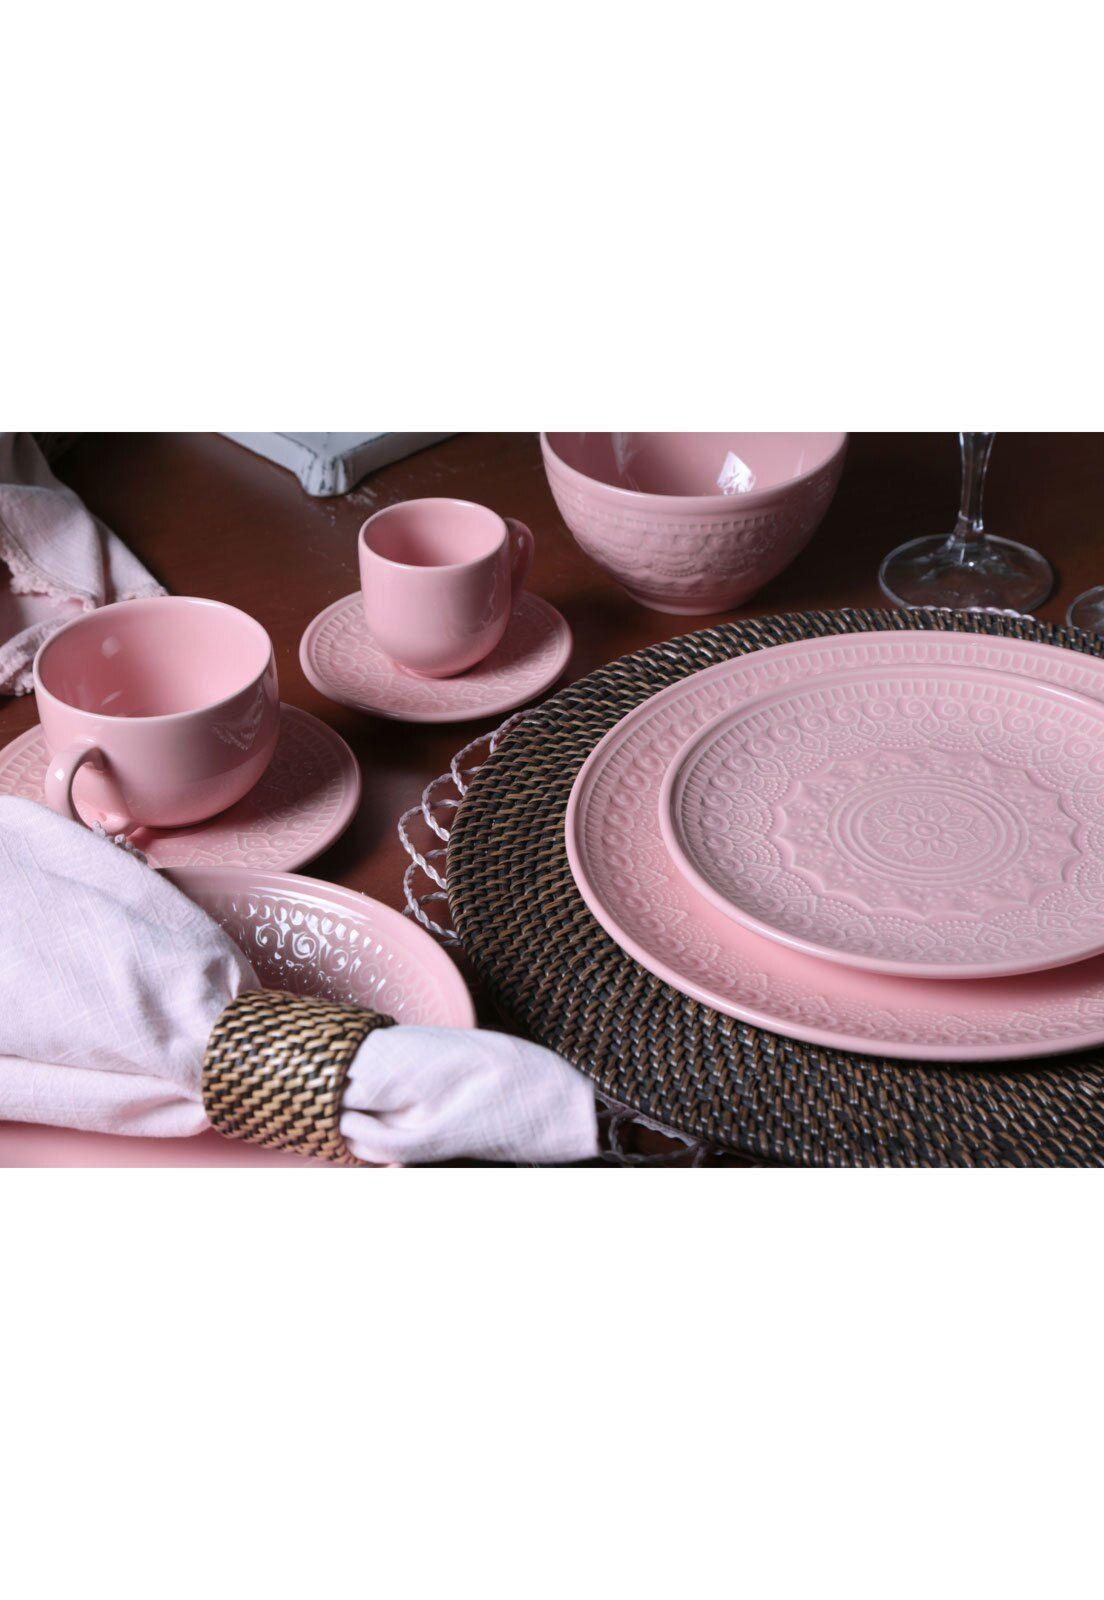 Jogo De Xicaras De Cafe 12 Pcs Agra Rosa Porto Brasil Jogo De Pratos Porto Brasil Jogo De Jantar Porcelana